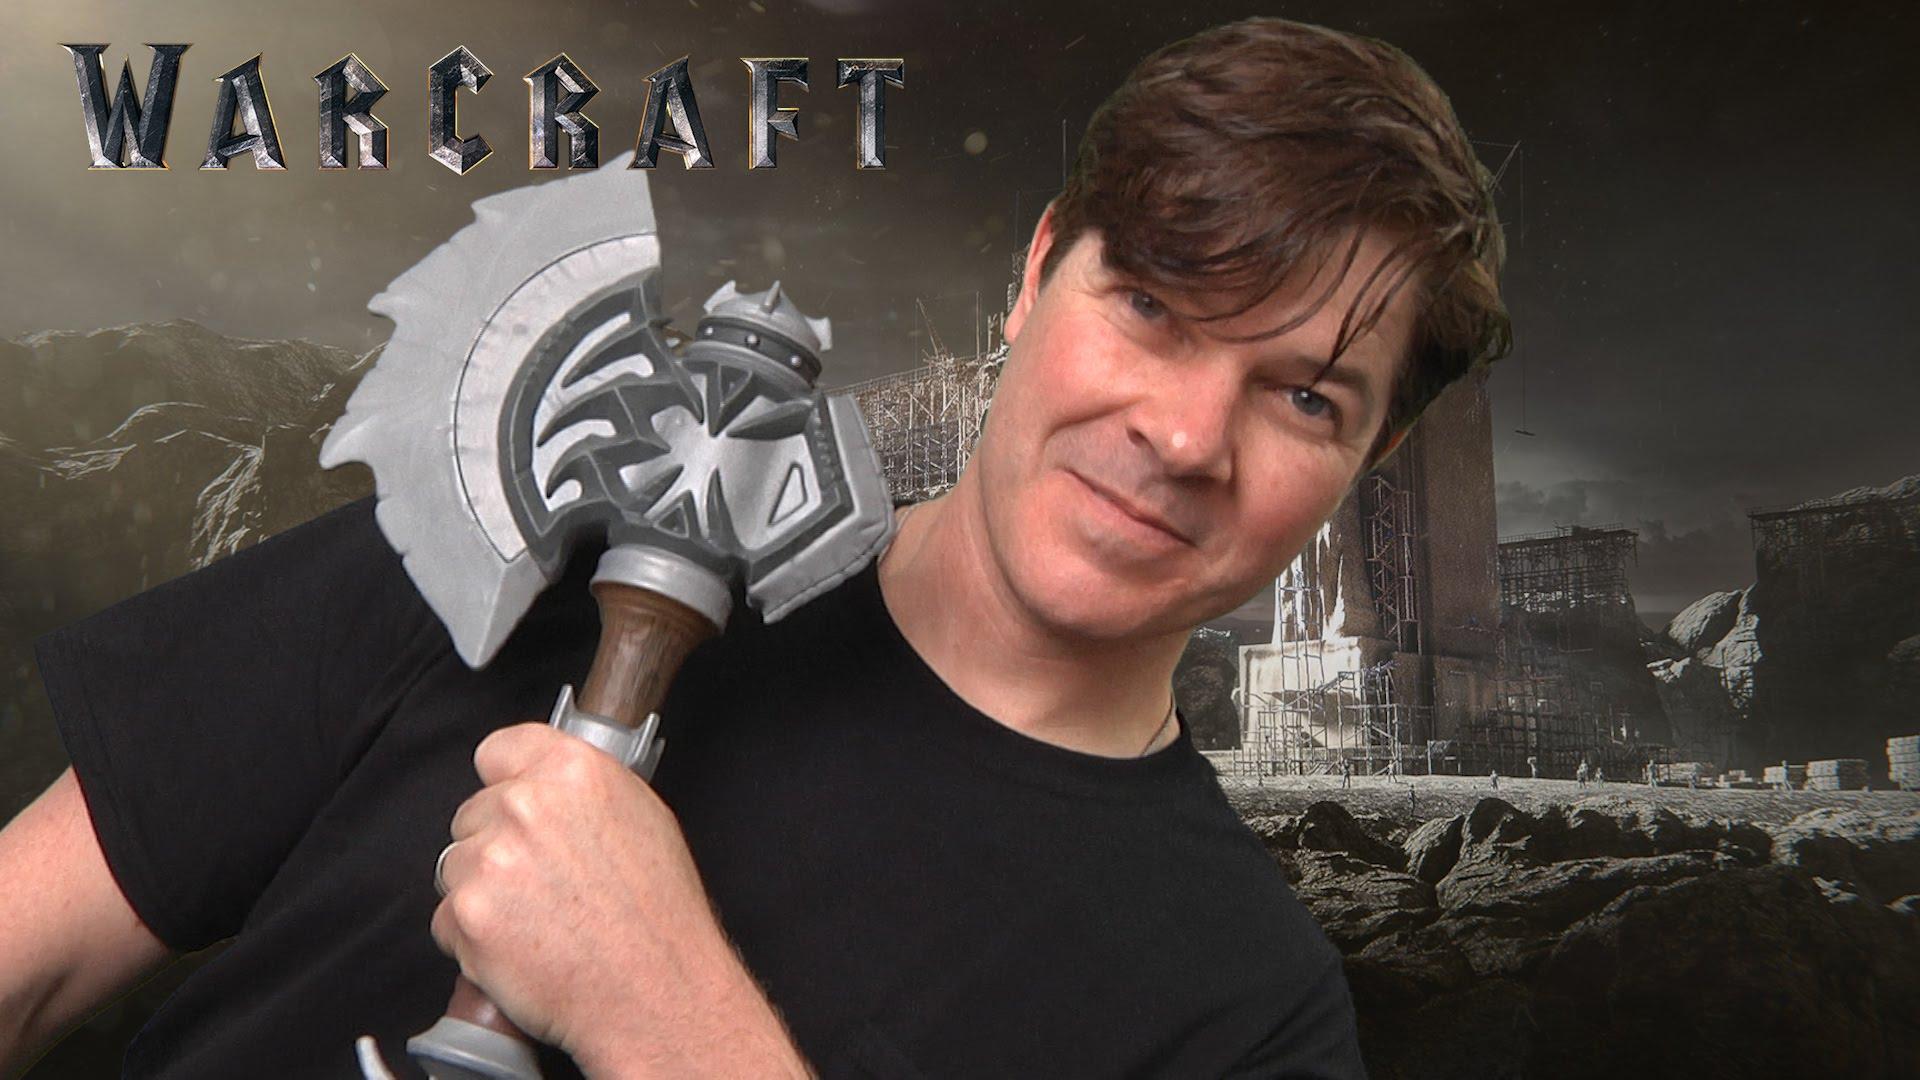 Warcraft-8